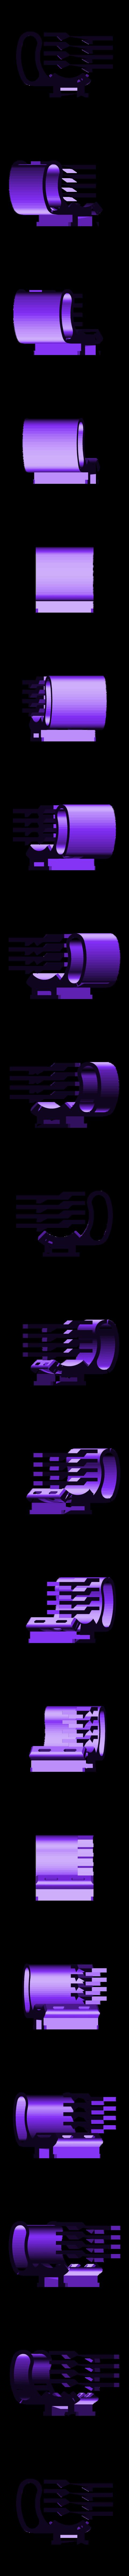 adapter_pcmini_bundler.stl Télécharger fichier STL gratuit Support de tige de vélo Snap-fit pour Anker PowerCore 5000 / PowerCore+ mini • Design imprimable en 3D, CyberCyclist